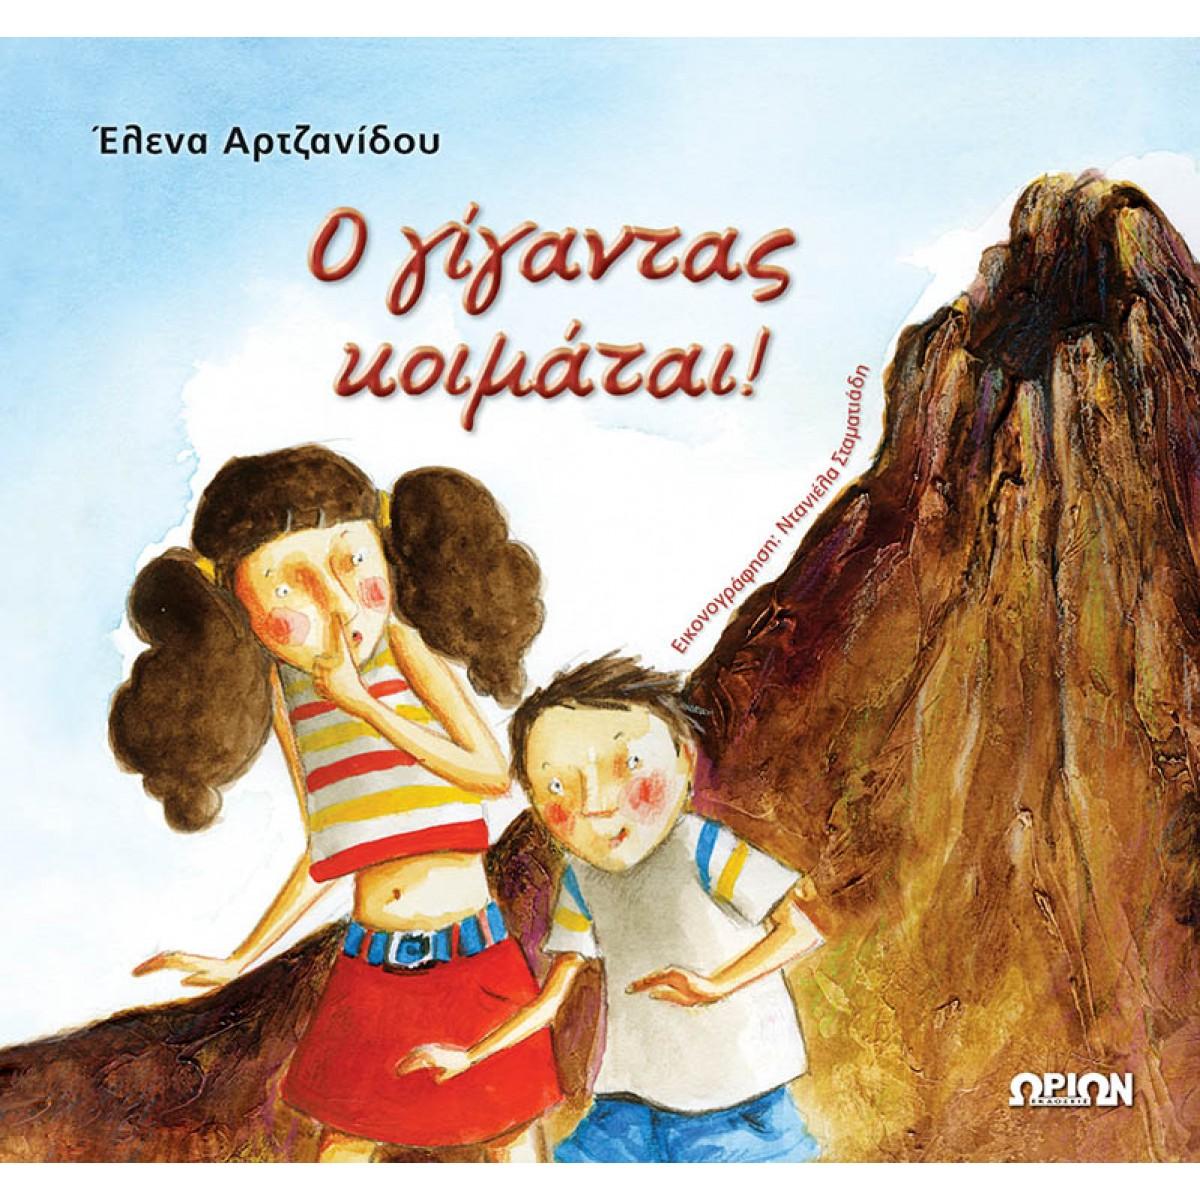 Ο ΓΙΓΑΝΤΑΣ ΚΟΙΜΑΤΑΙ! Βιβλία Ωρίων